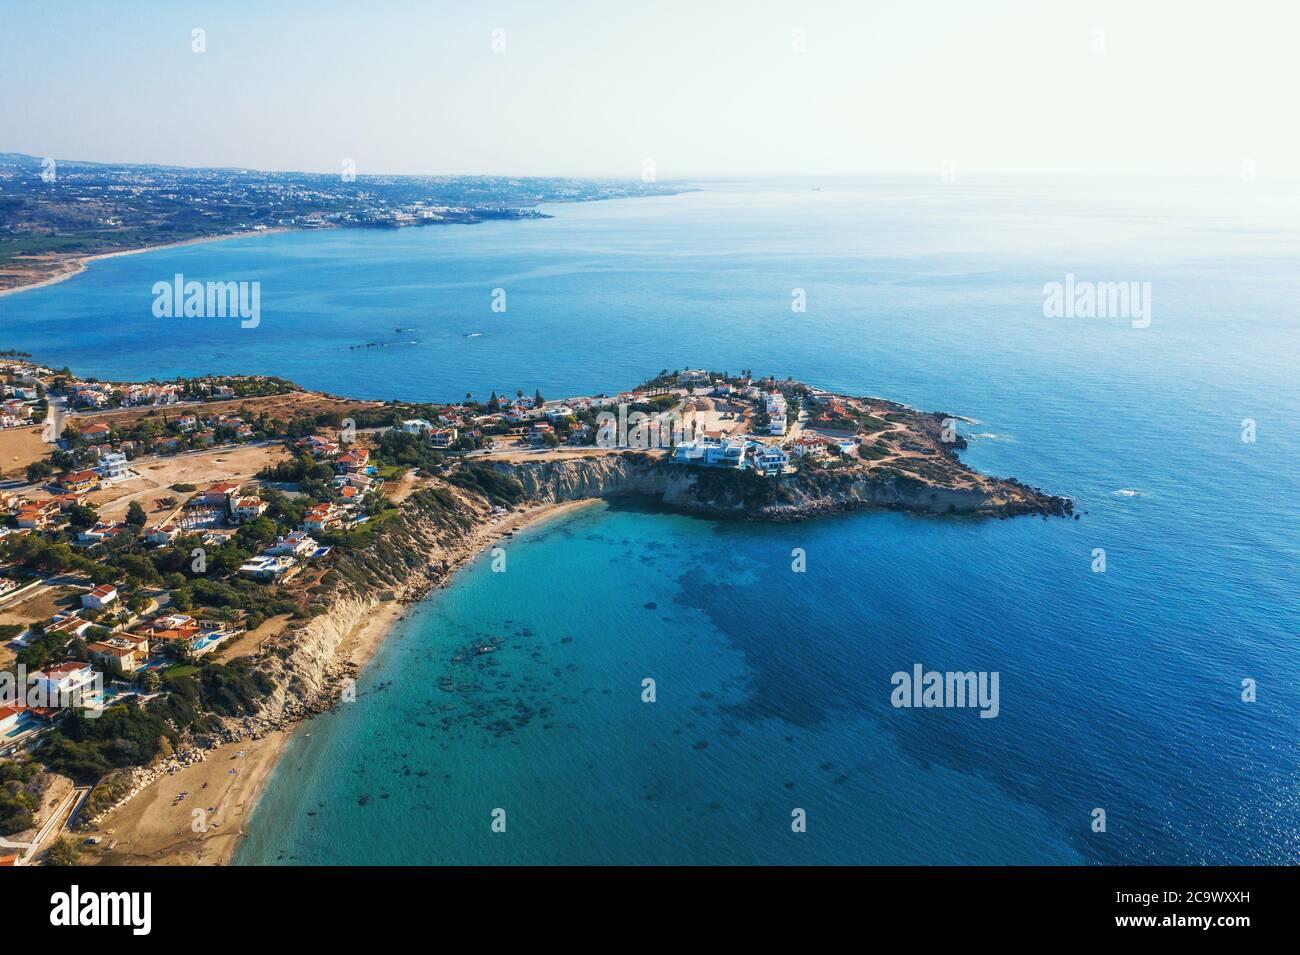 Chipre paisaje vista aérea de la costa de piedra amarilla con villas y azul mar mediterráneo. Foto de stock